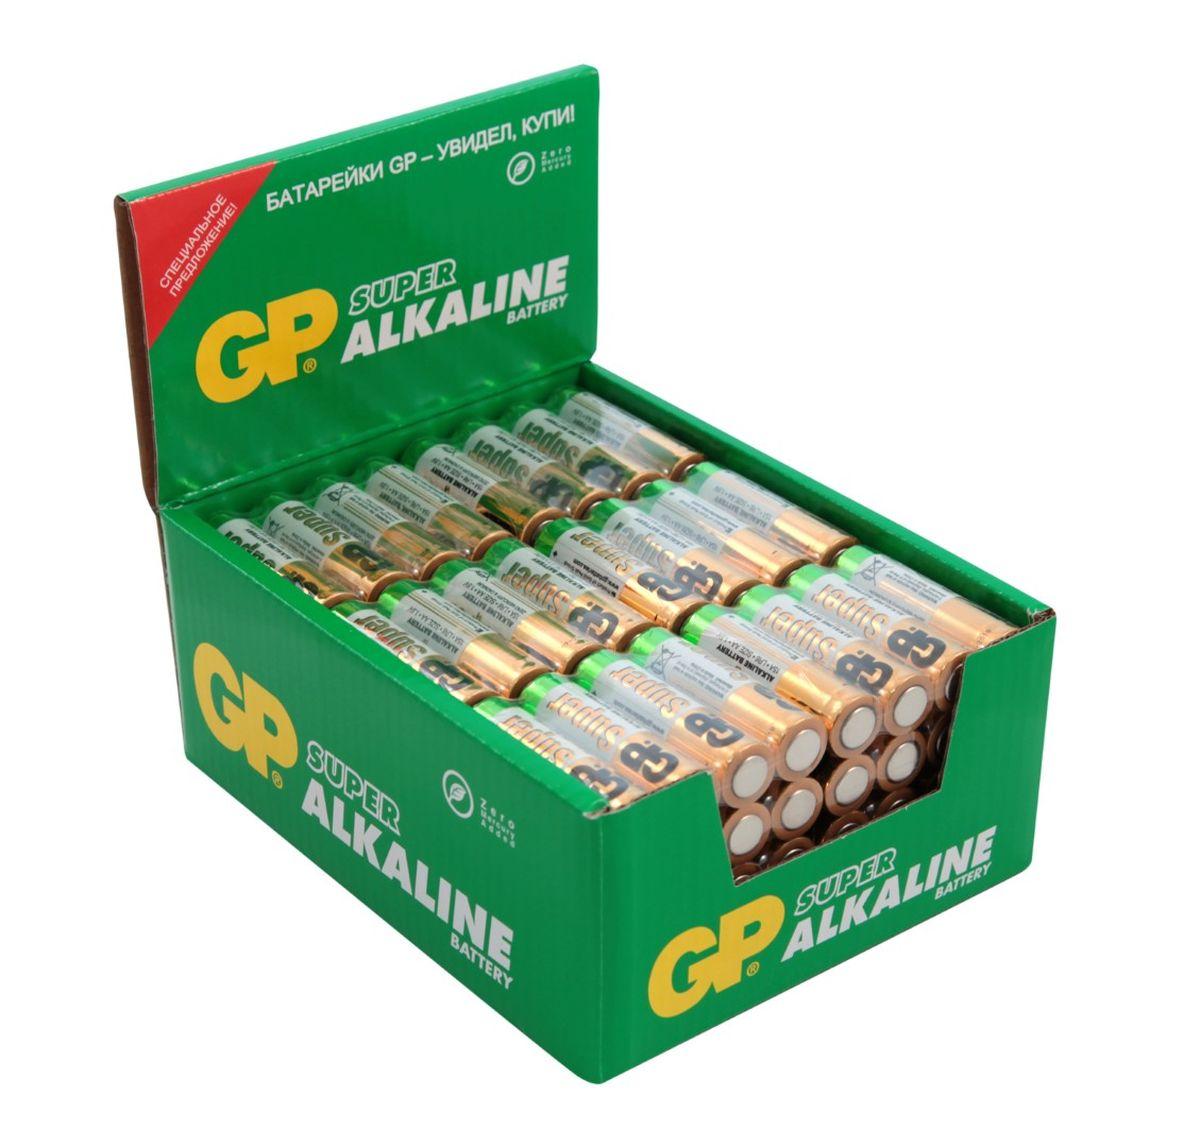 Набор алкалиновых батареек GP Batteries Super Alkaline, тип АА, 96 шт2727Батарейки GP Super Alkaline прекрасно подходят для увеличивающейся потребности в источниках питания для устройств повседневного использования. Идеальное соотношение цена/качество. Надежный продукт широкого спектра применения, подходящий для потребителей всех возрастов. * Увеличенная продолжительность работы * Огромный ассортимент типоразмеров * Длительный срок хранения (до 7 лет)